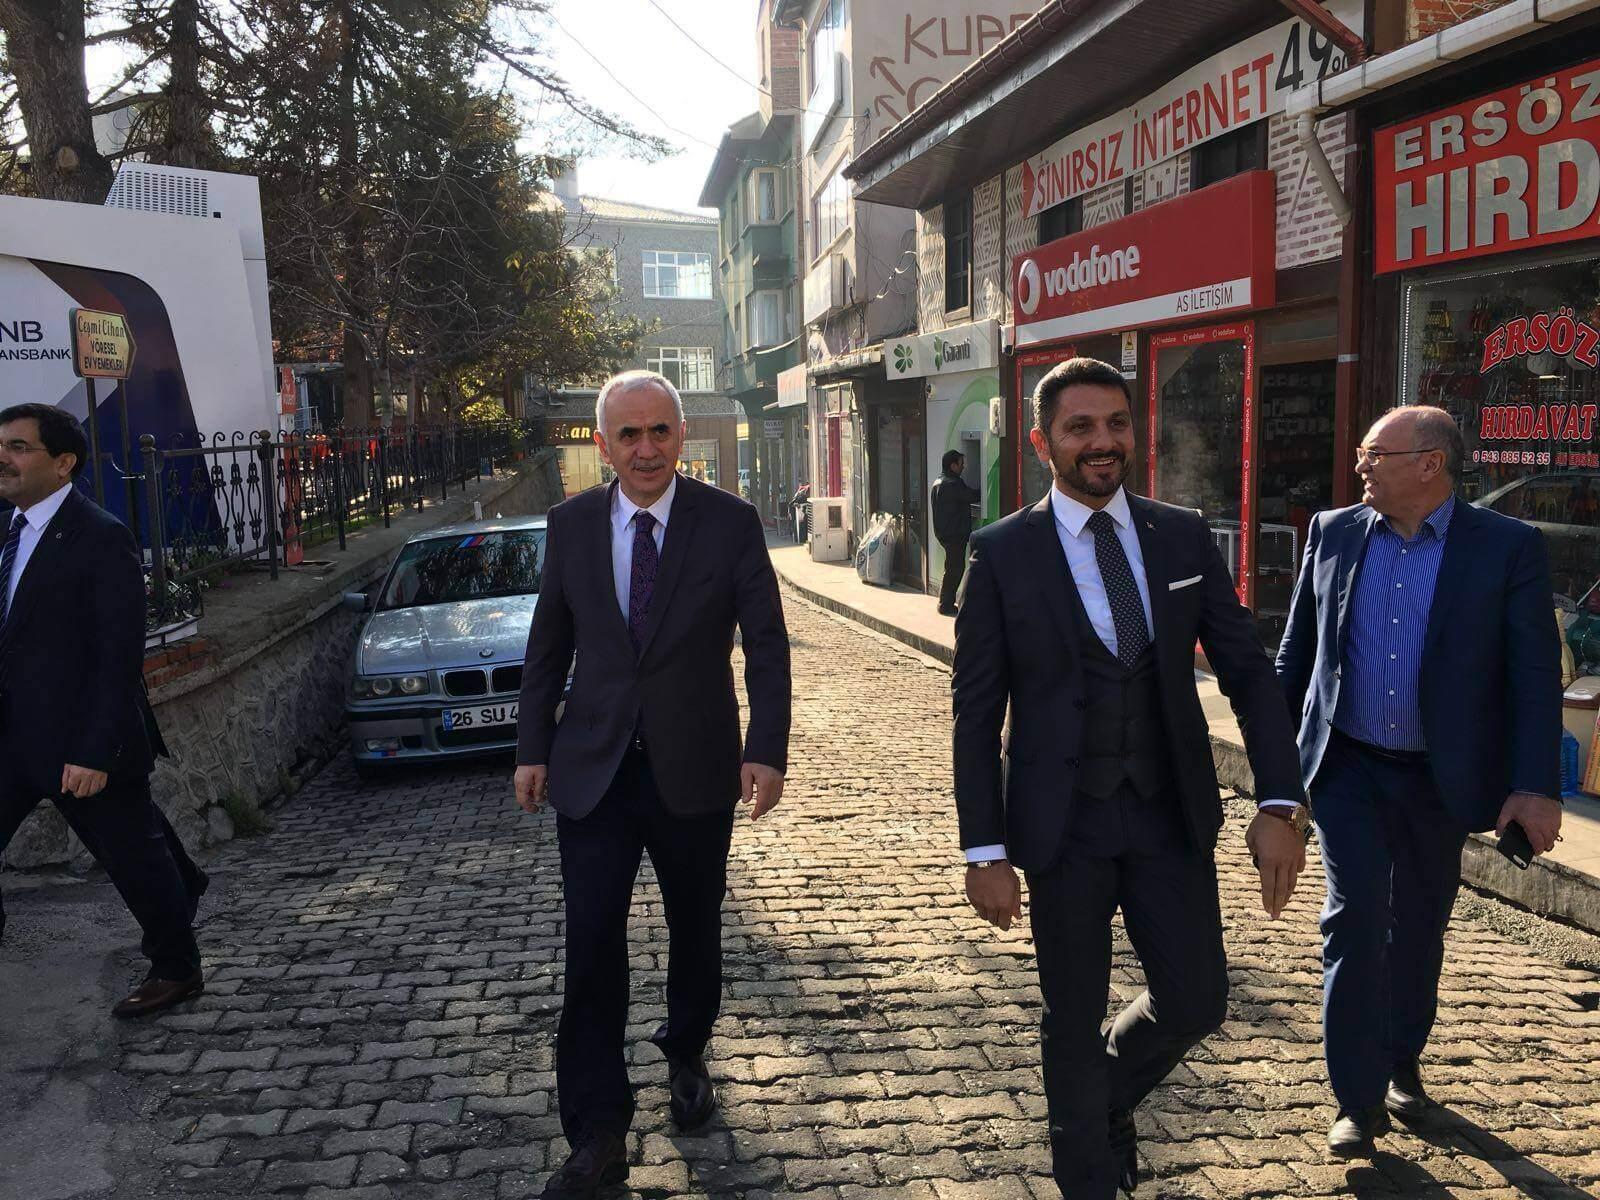 Ak Parti Genel Başkan Yardımcısı ve İstanbul Milletvekili Sayın Erol Kaya ilçemizi ziyaret ederek, Sivrihisar Belediye Başkanımız Hamid Yüzügüllü ile biraraya geldi.